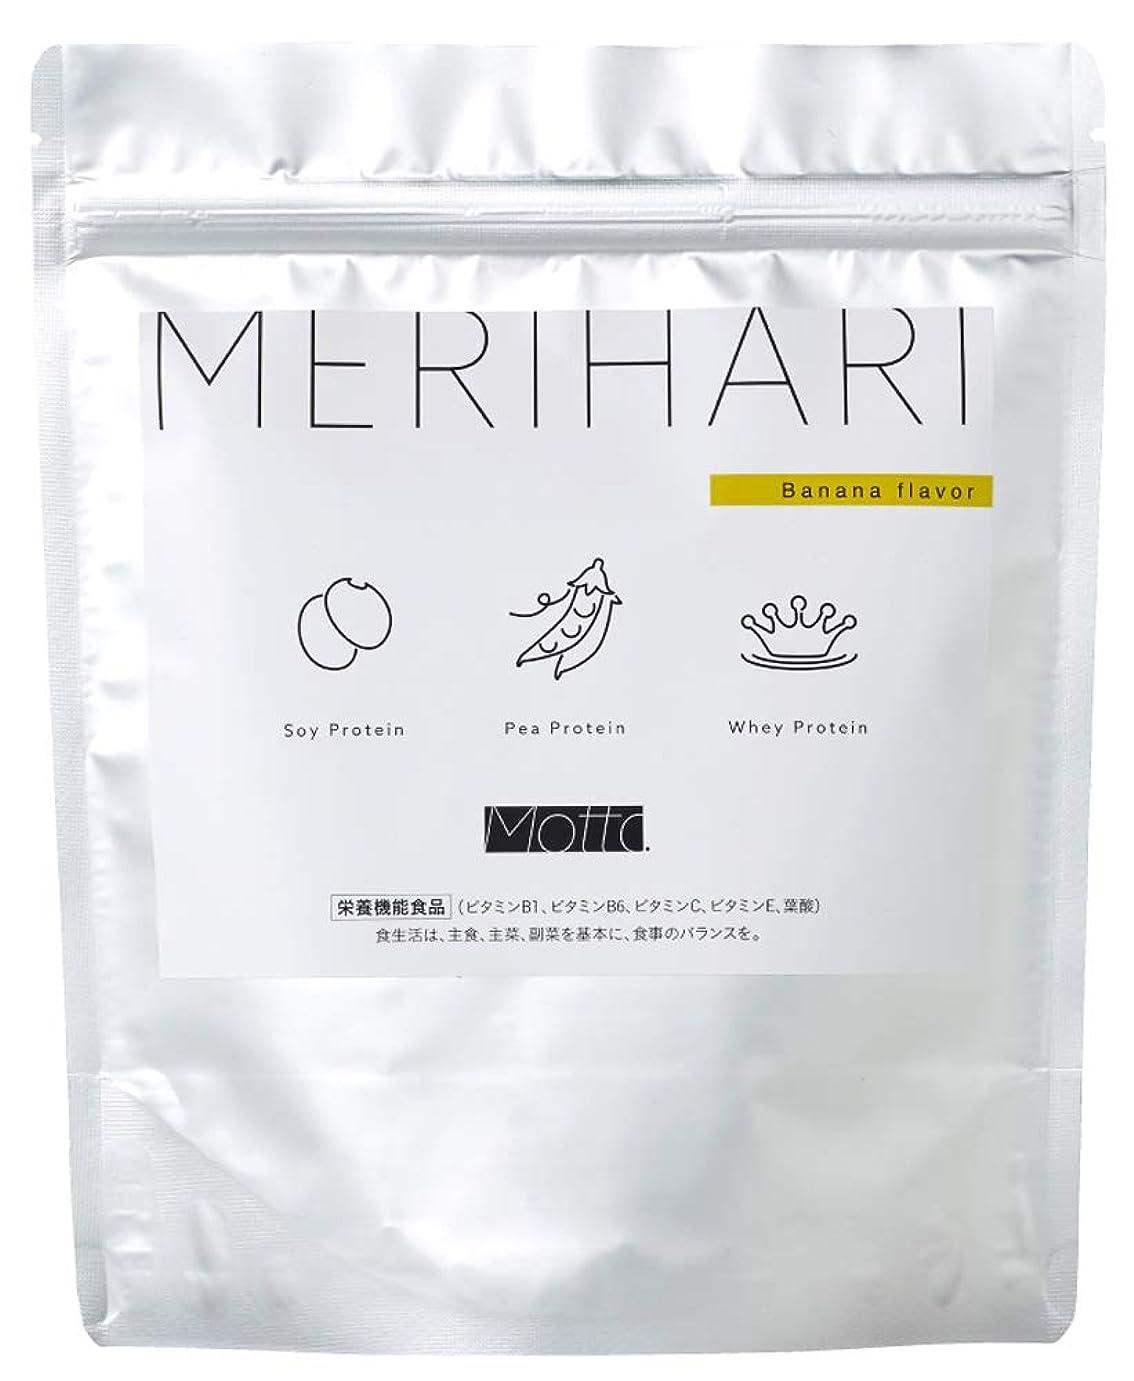 ミネラル生命体ブロンズMottoo (モット) MERIHARI メリハリ 食べる プロテイン [ 置き換え食品 低カロリー ] 女性 バナナ味 275g